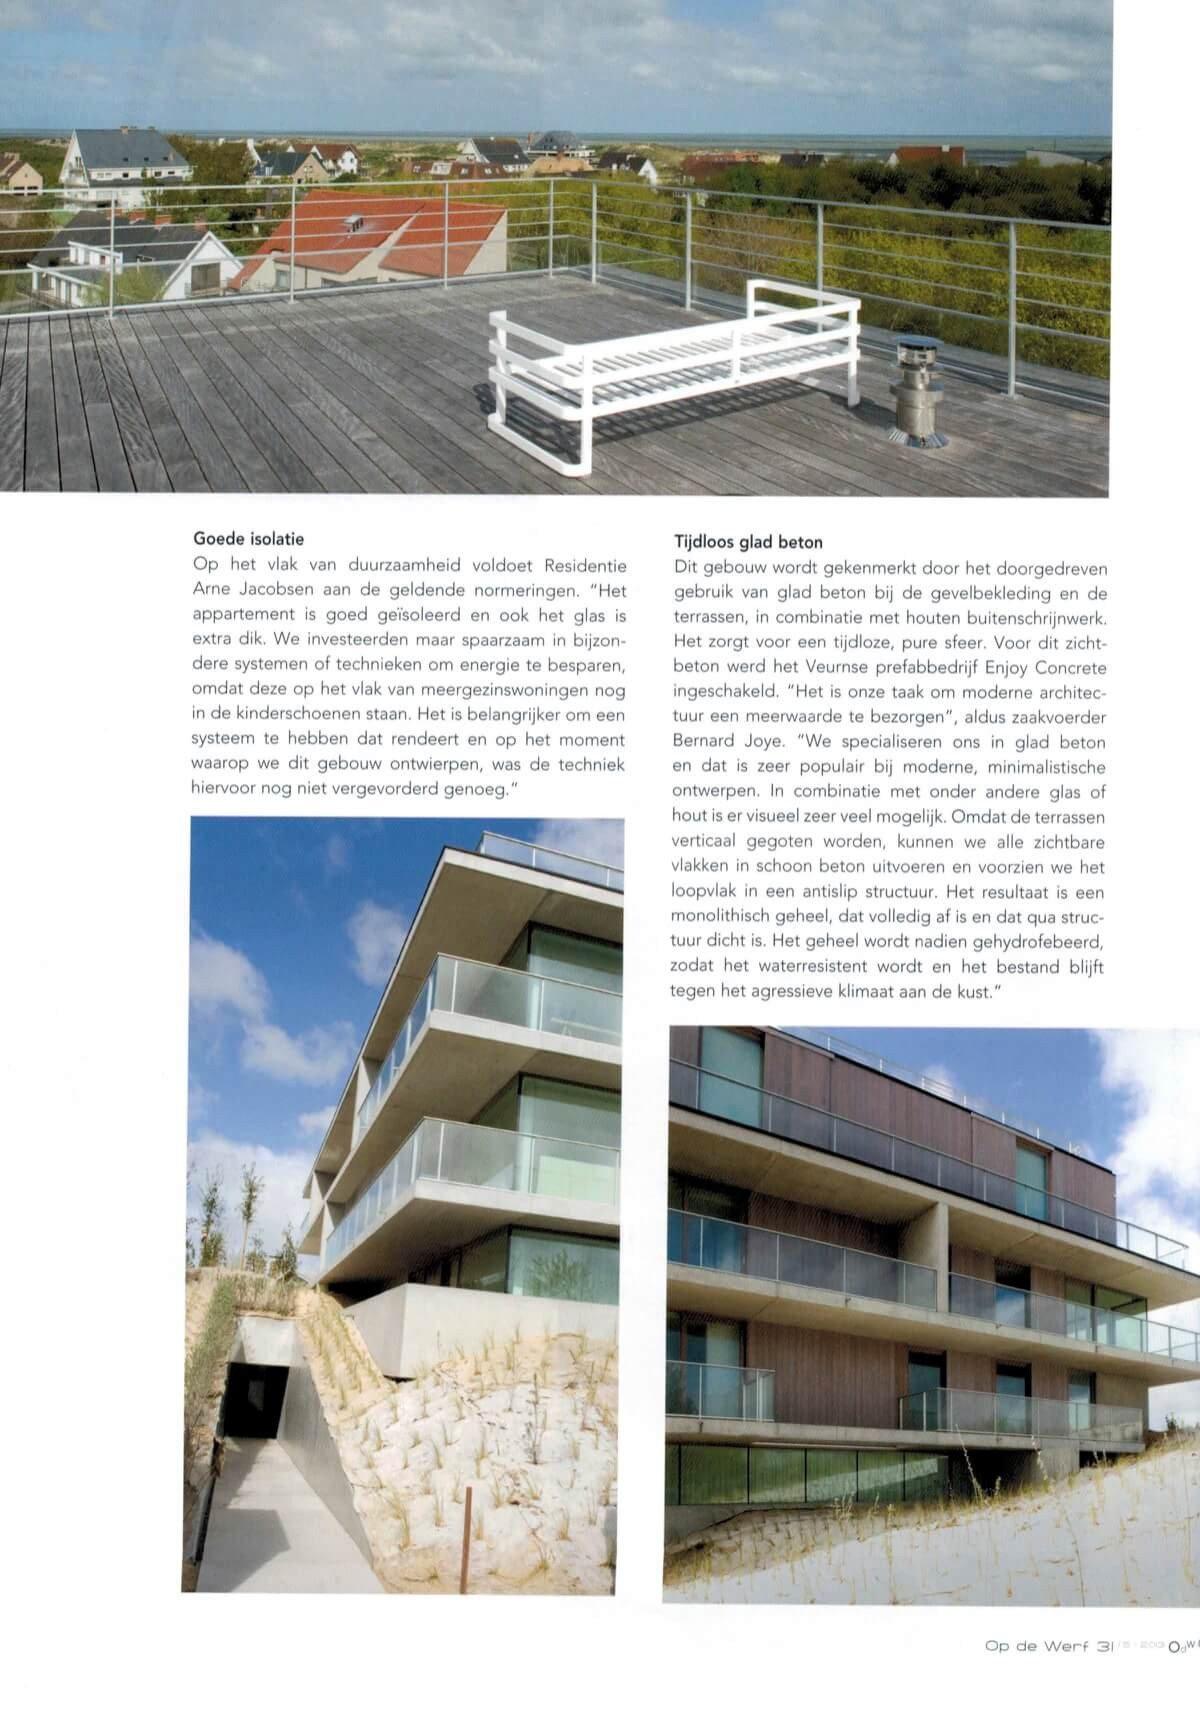 Op de Werf Juni 2013 - Residentie Arne Jacobsen 3.jpg